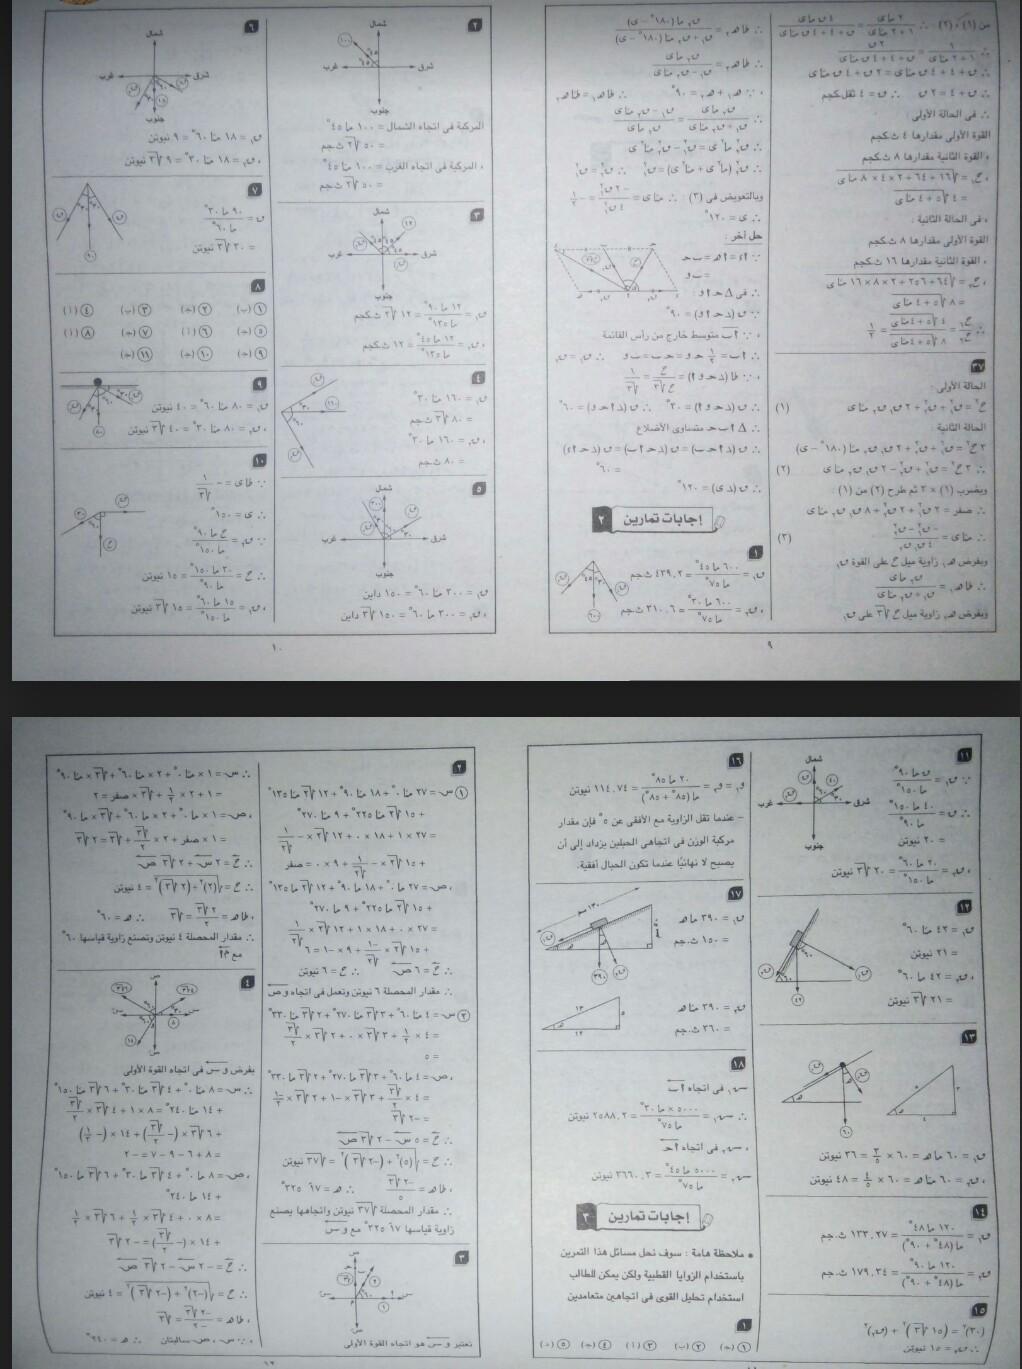 حمل كتاب المعاصر في الرياضيات التطبيقيه الميكانيكا للصف الثاني